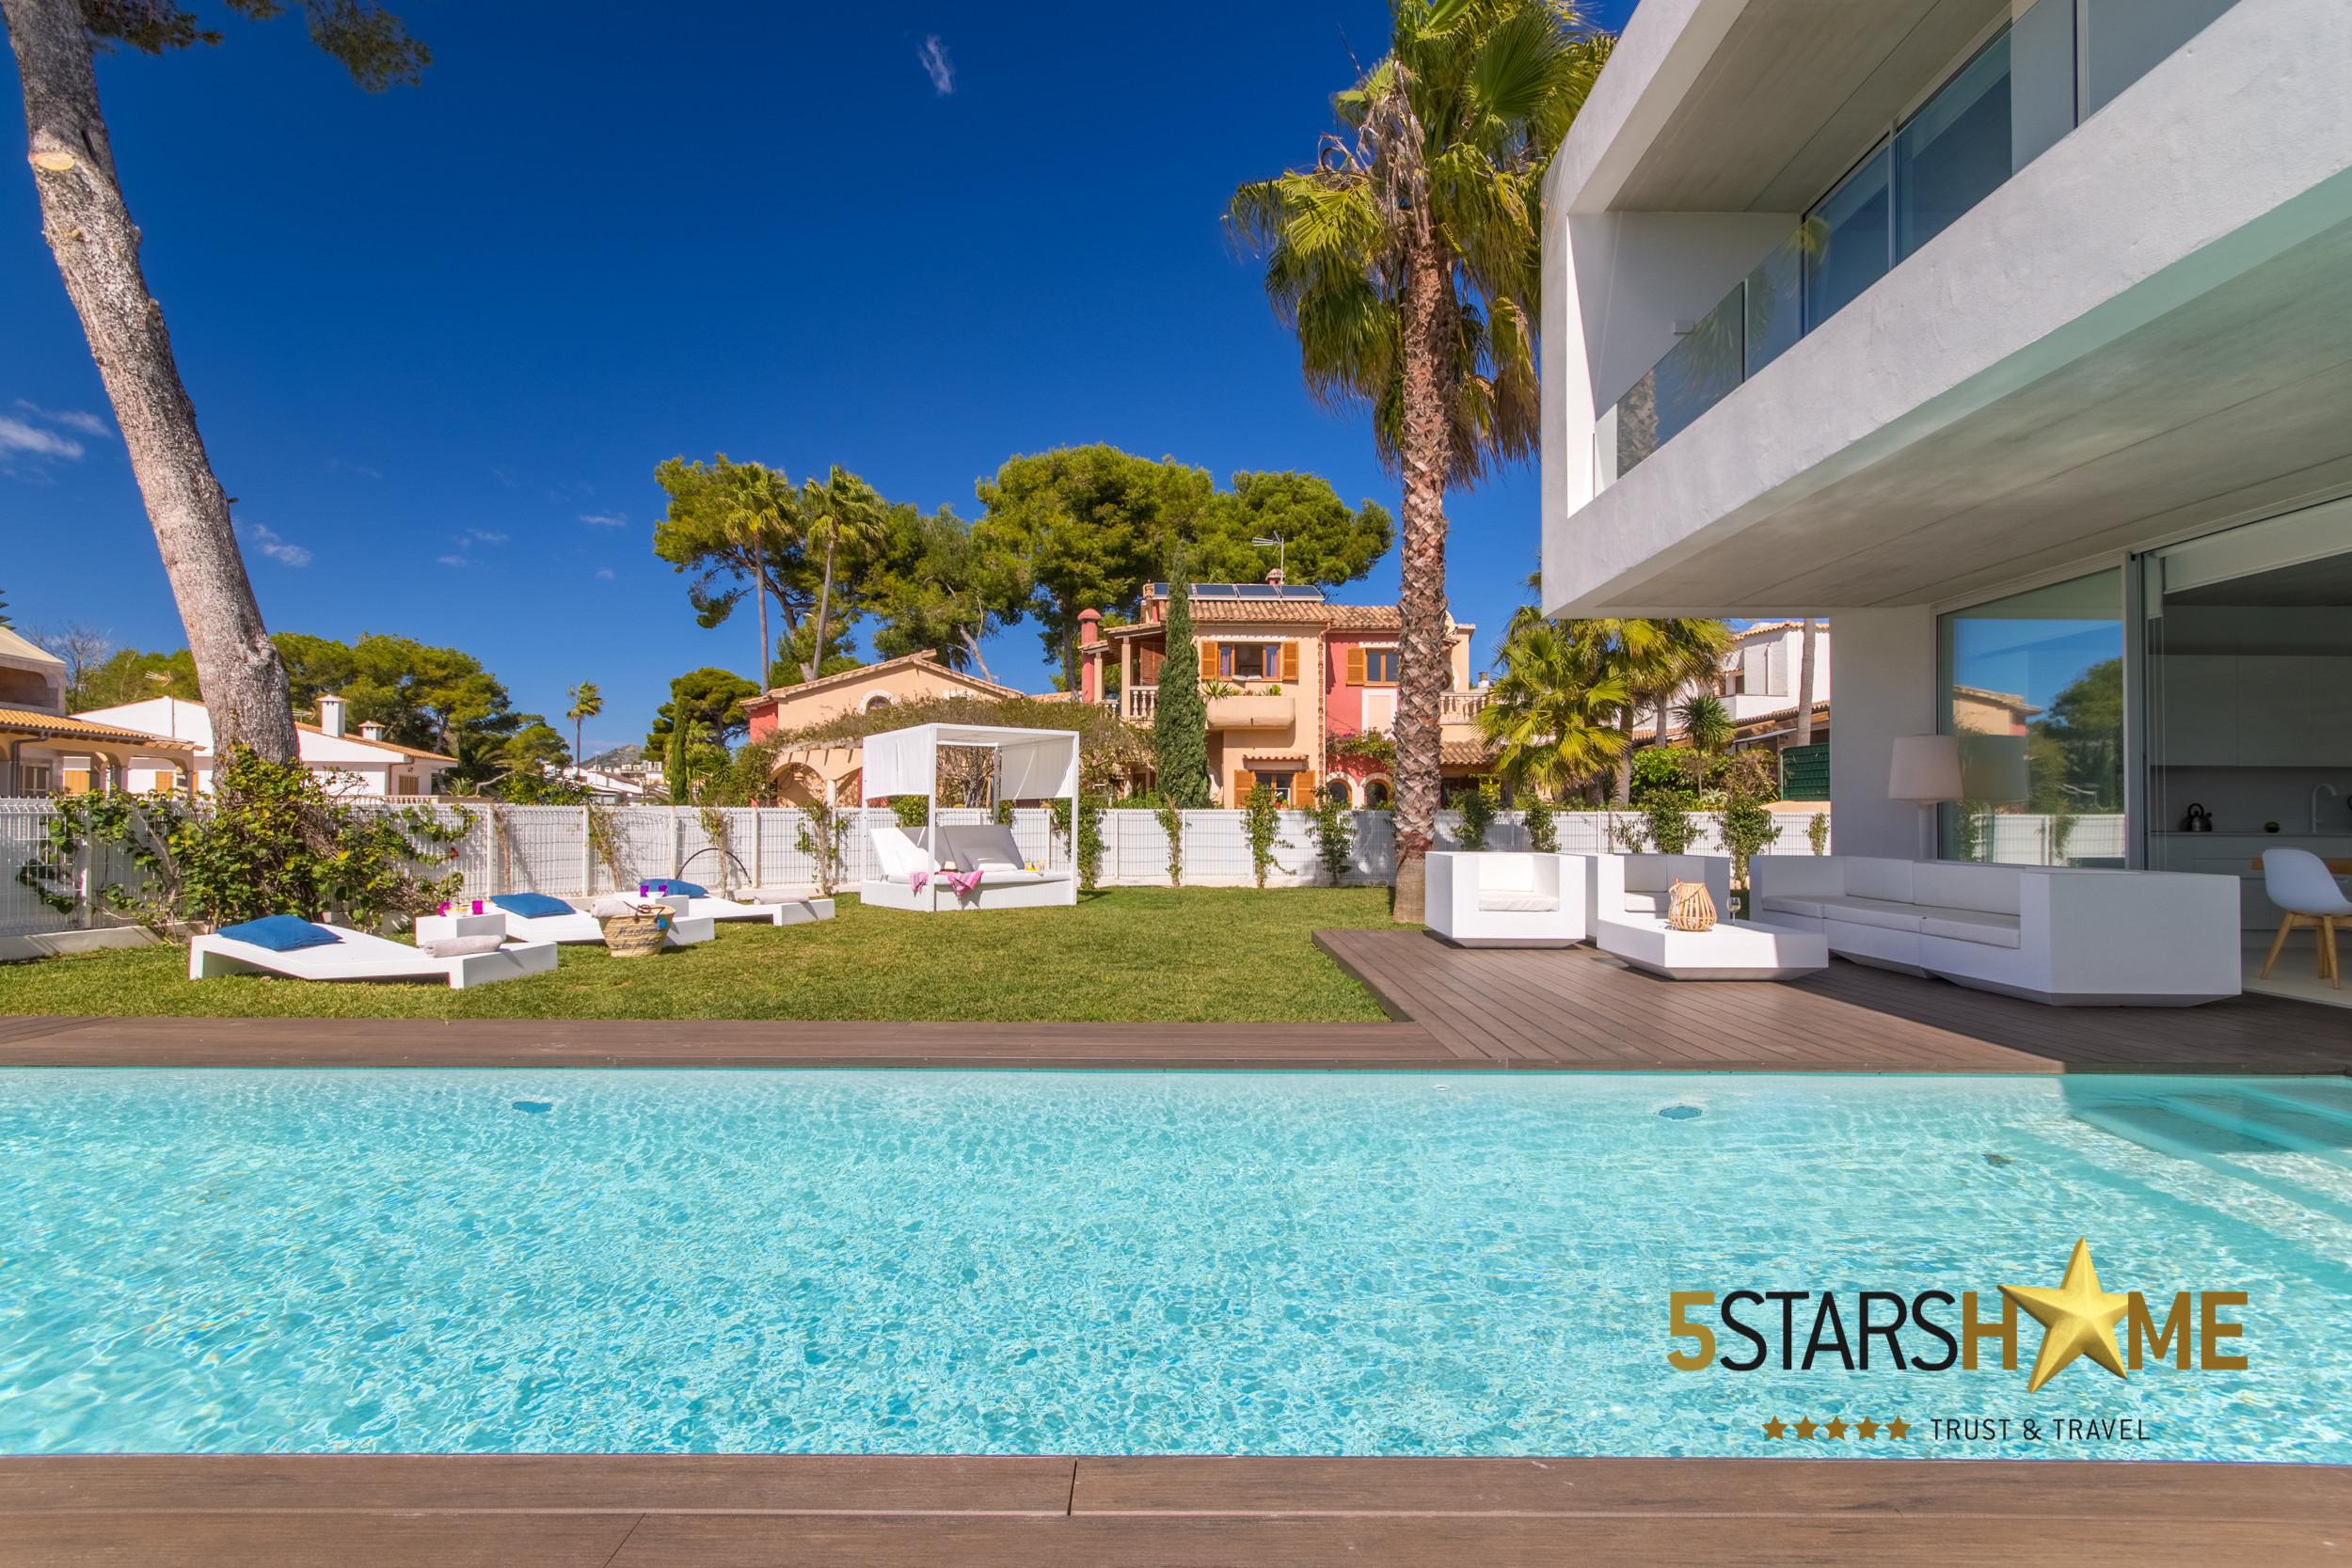 cb5cae60d Villa con piscina para 8 personas en Playa de Muro, Mallorca